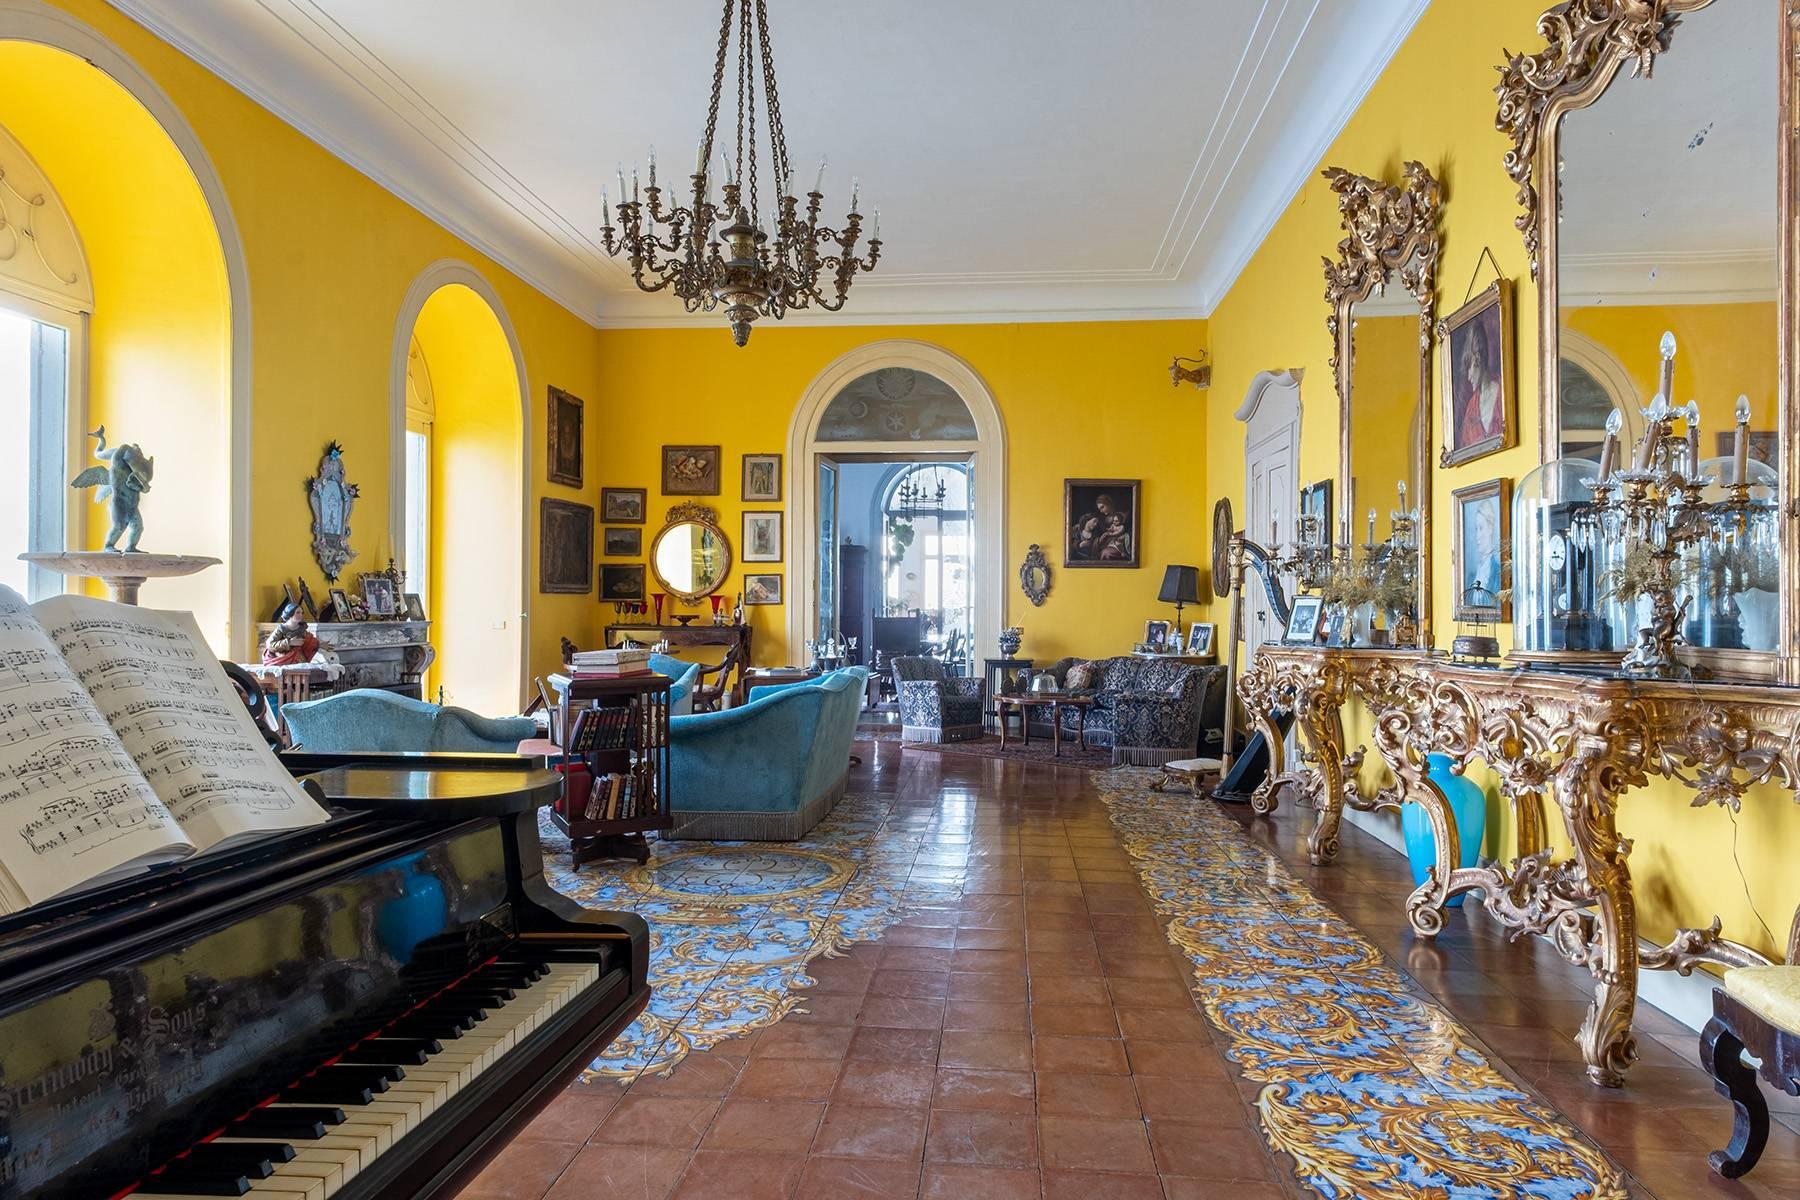 Первая линия моря! Потрясающие апартаменты в старинной вилле в Неаполе, Италия - 10